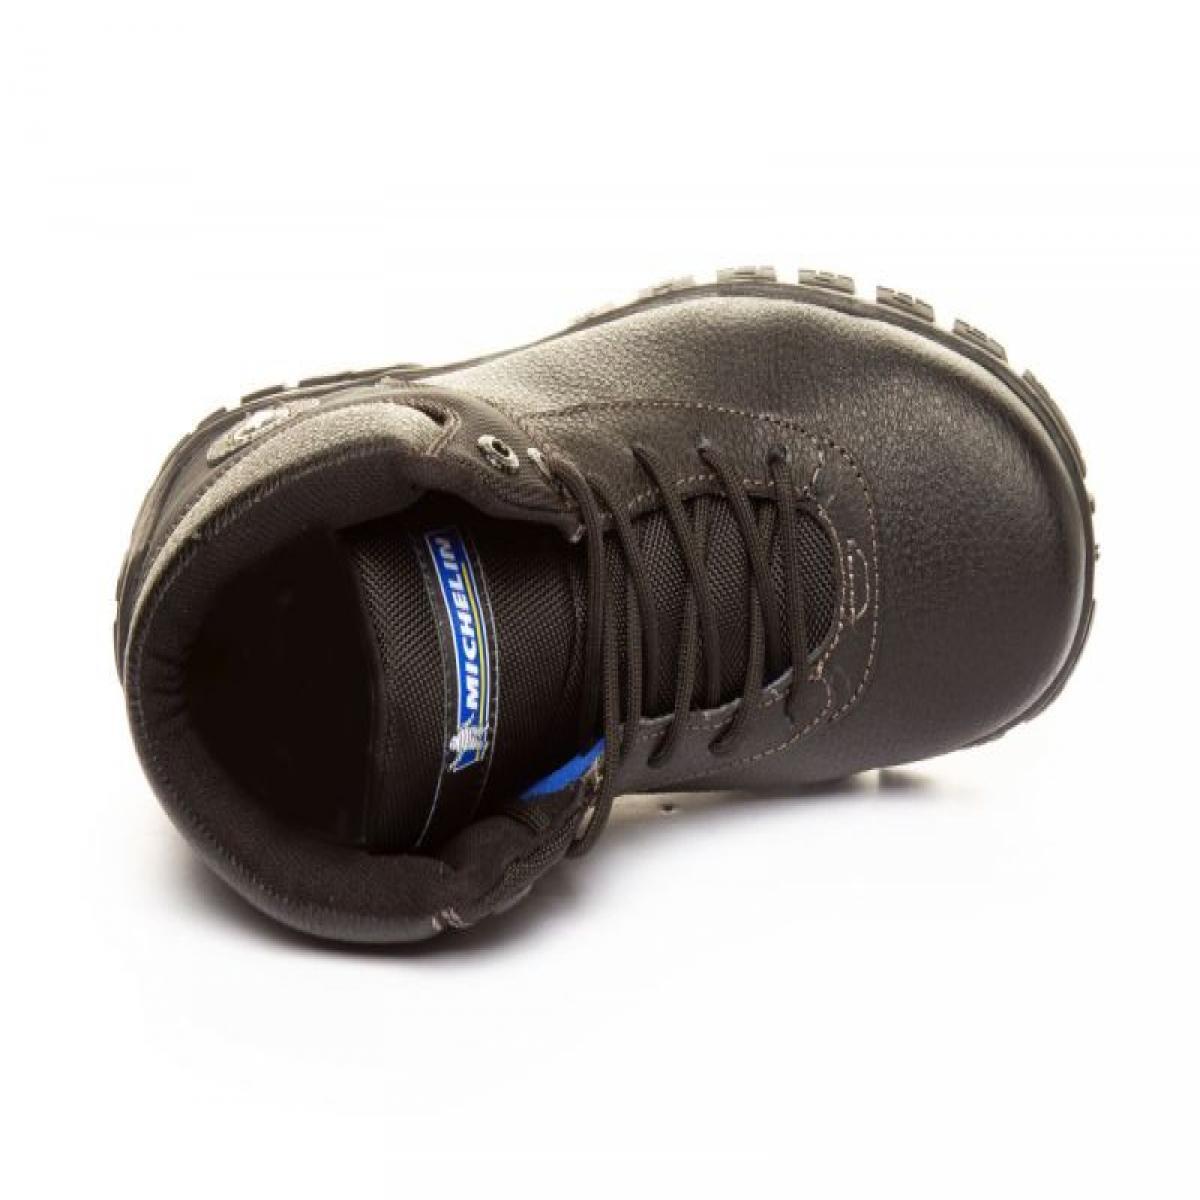 cb139401760 ... Botin para Hombre Michelin GTI Color Negro